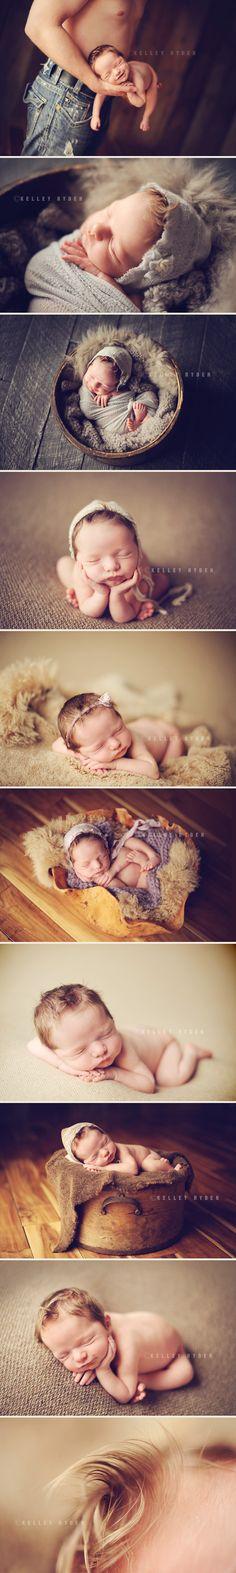 KelleyRydenPhotography_newborn_isabella